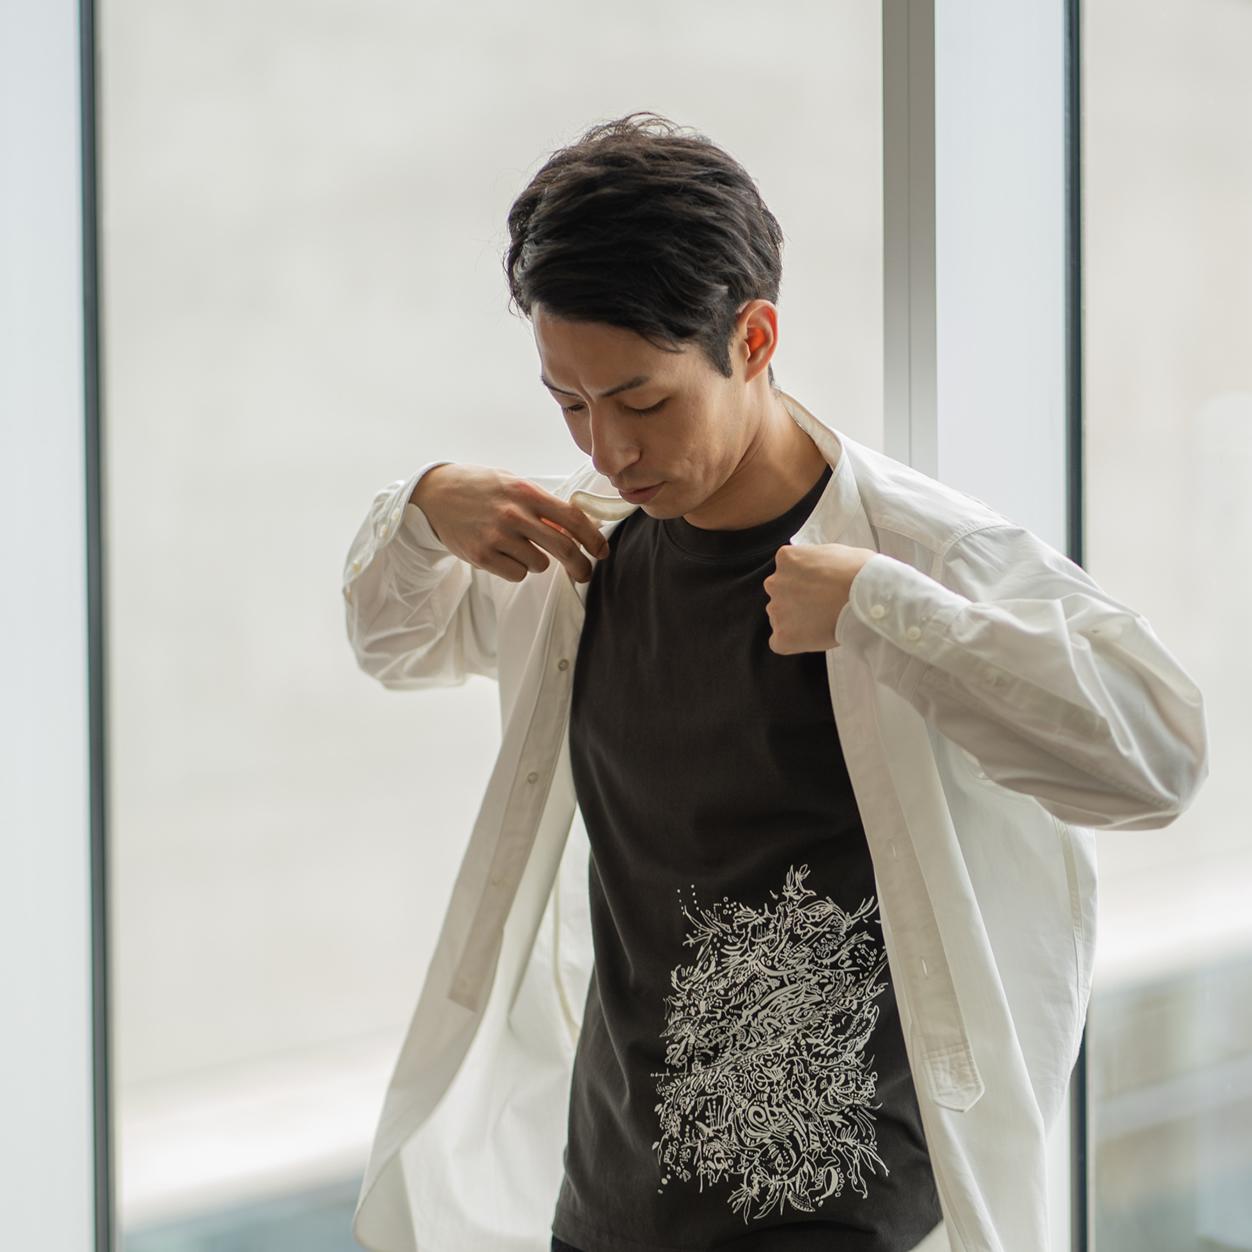 【写真イメージ】Havlife オリジナルコラボTシャツ